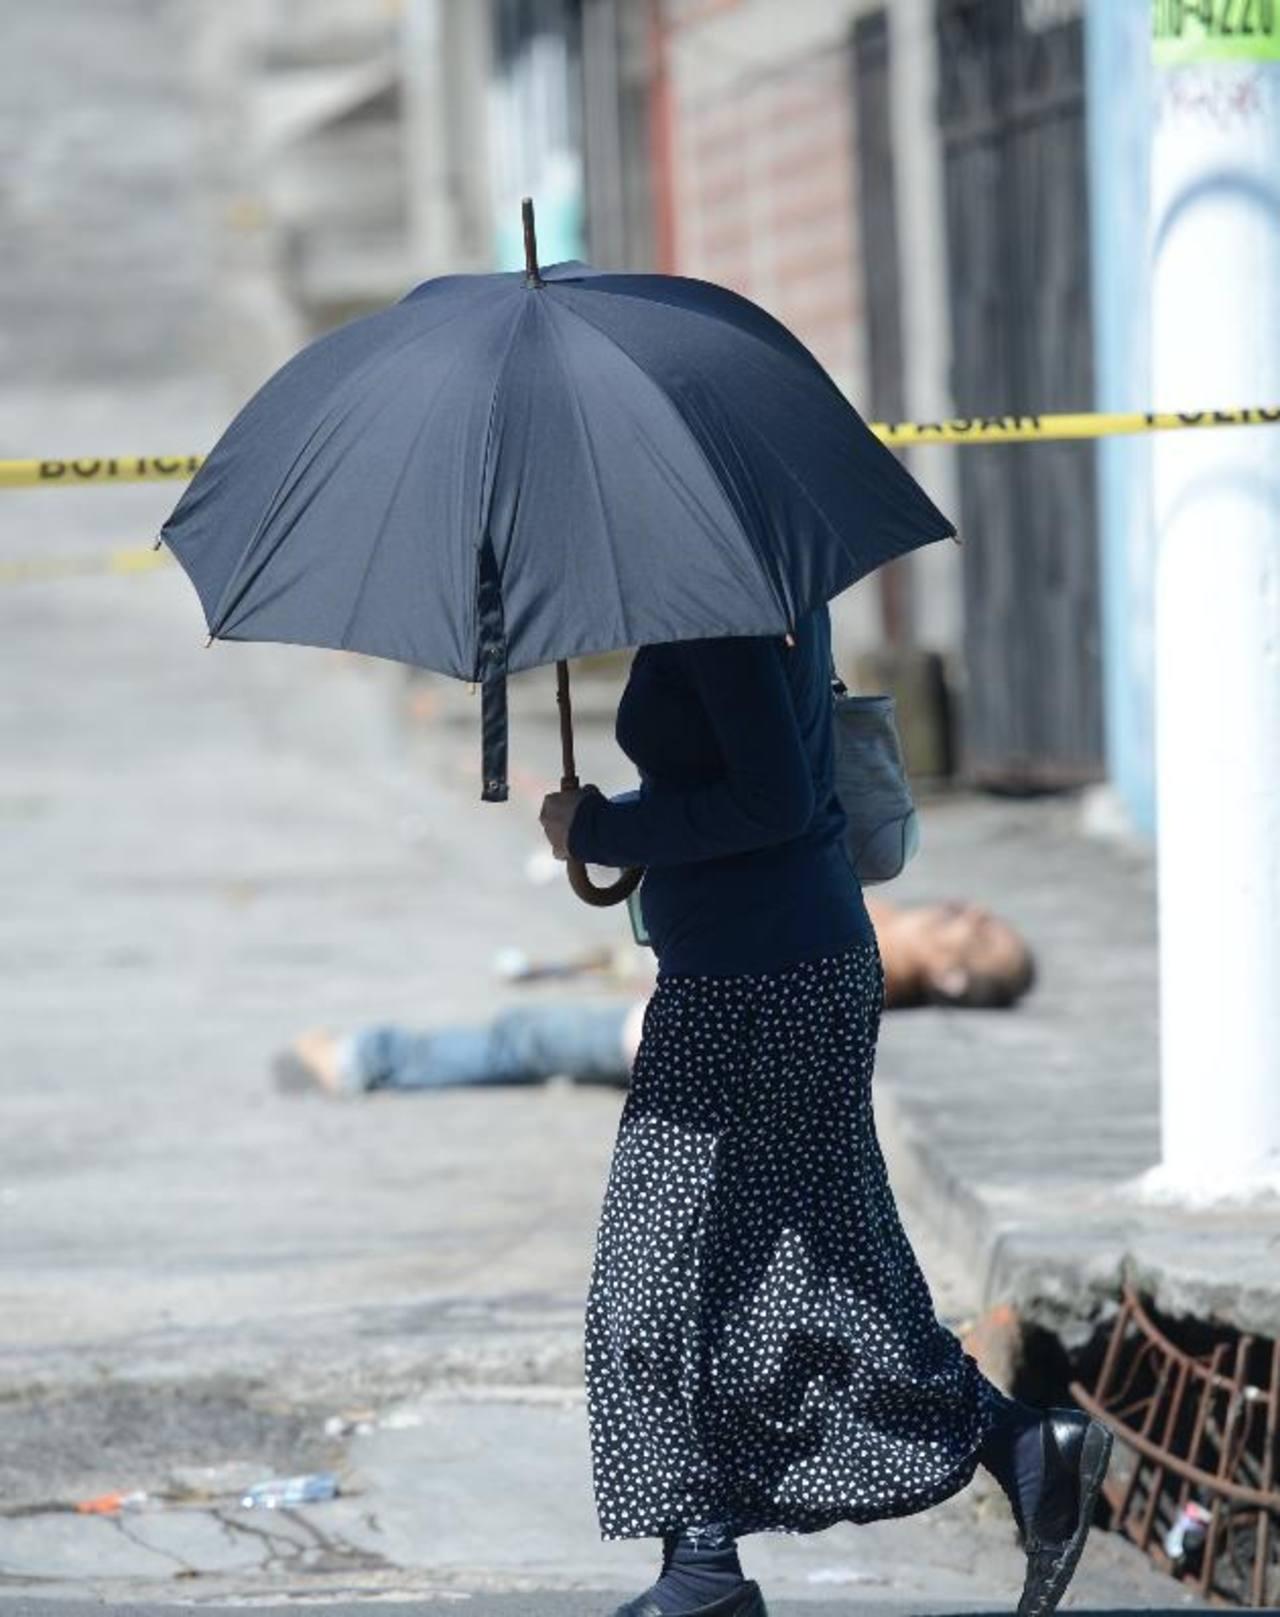 Ayer por la tarde mataron a un hombre en la comunidad y calle El Progreso, en Mejicanos. Foto EDH / Douglas Urquilla.